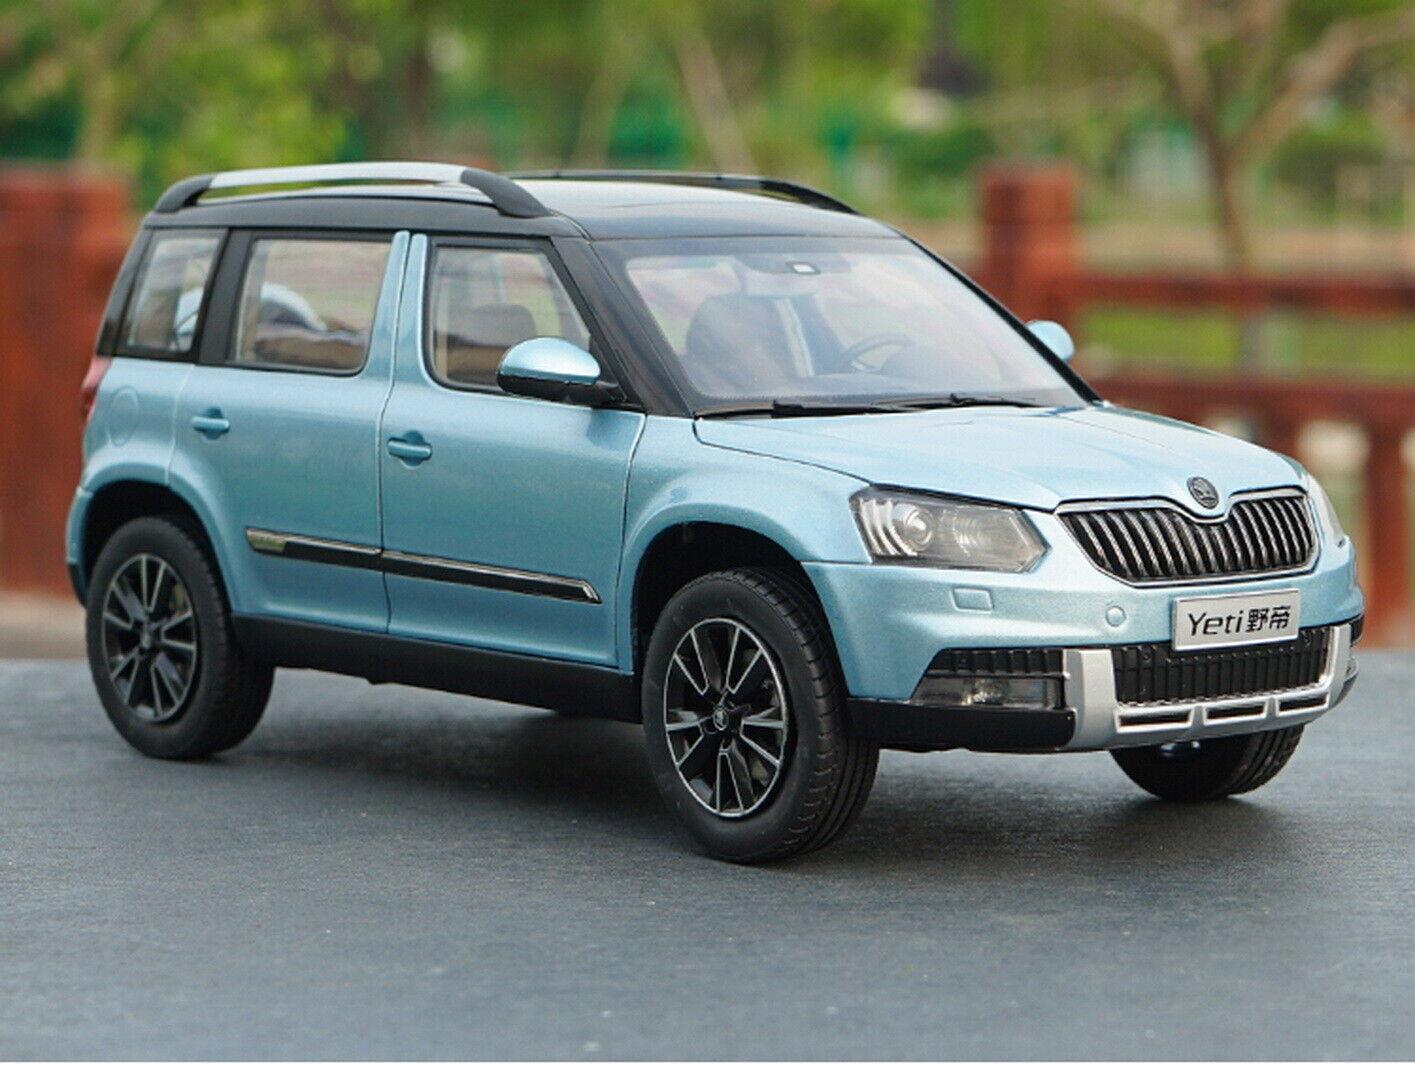 1 18 Scale VW Volkswagen Skoda  Yeti SUV bleu Diecast modèle de voiture collection  Envoi gratuit pour toutes les commandes